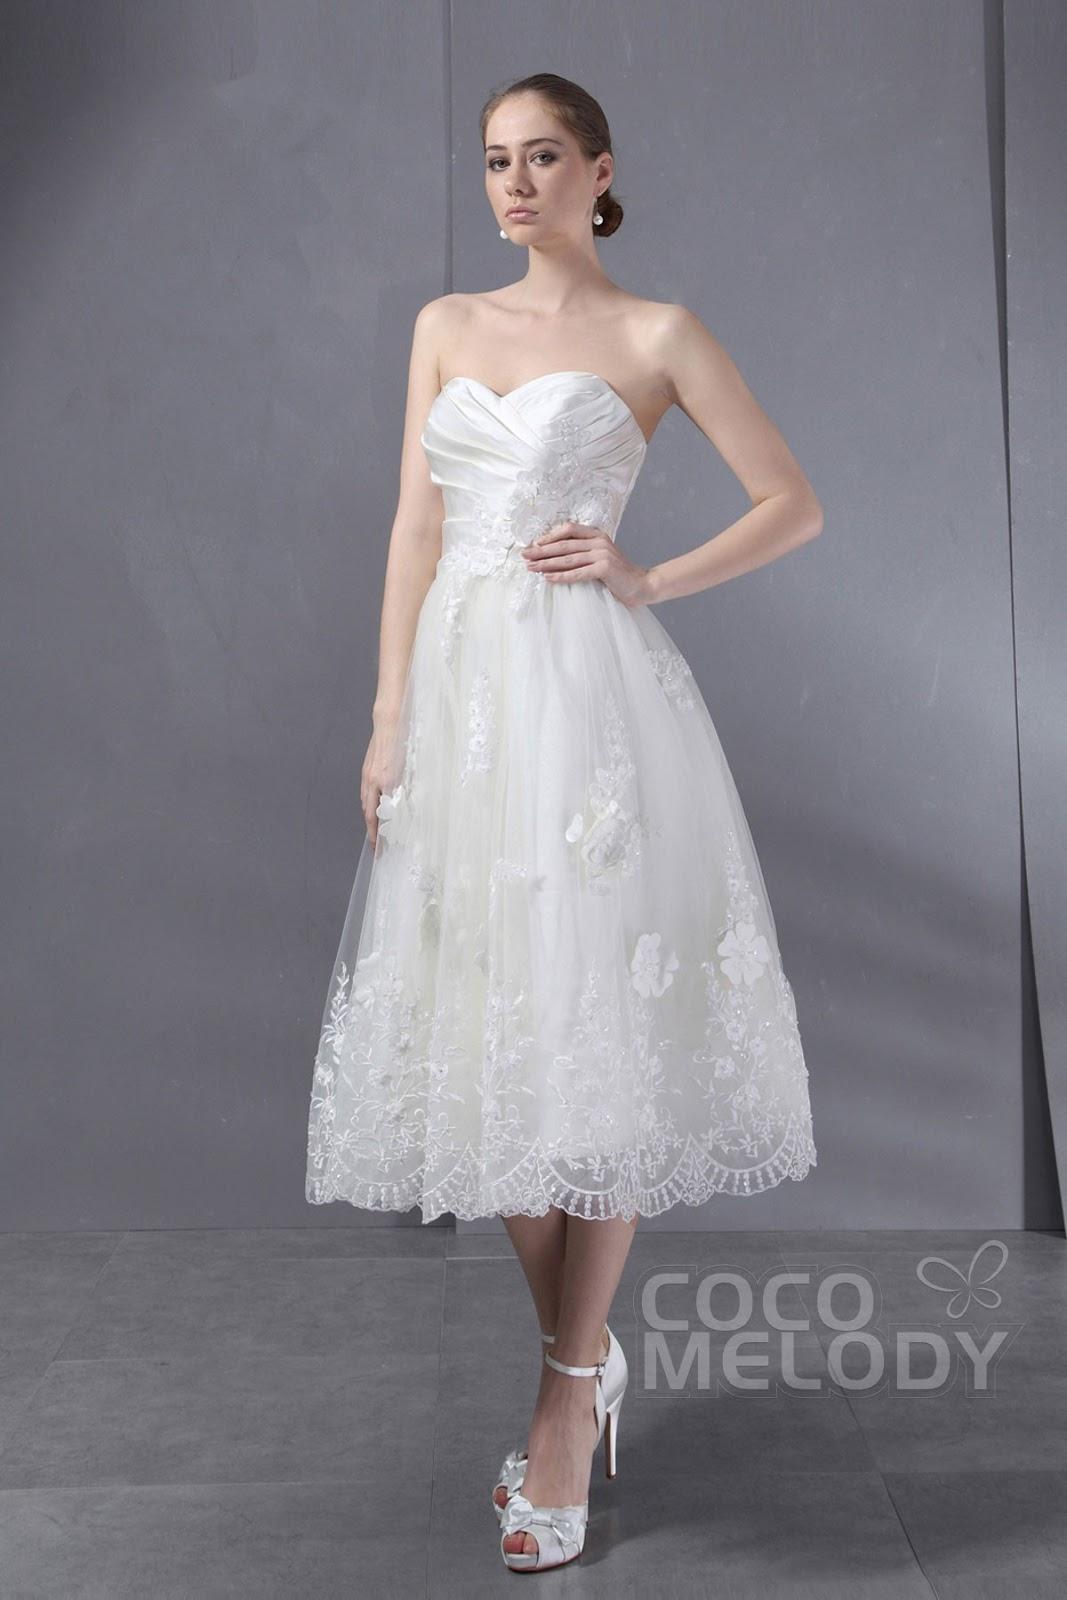 flower girl dresses : Ground length designer wedding dresses are ...